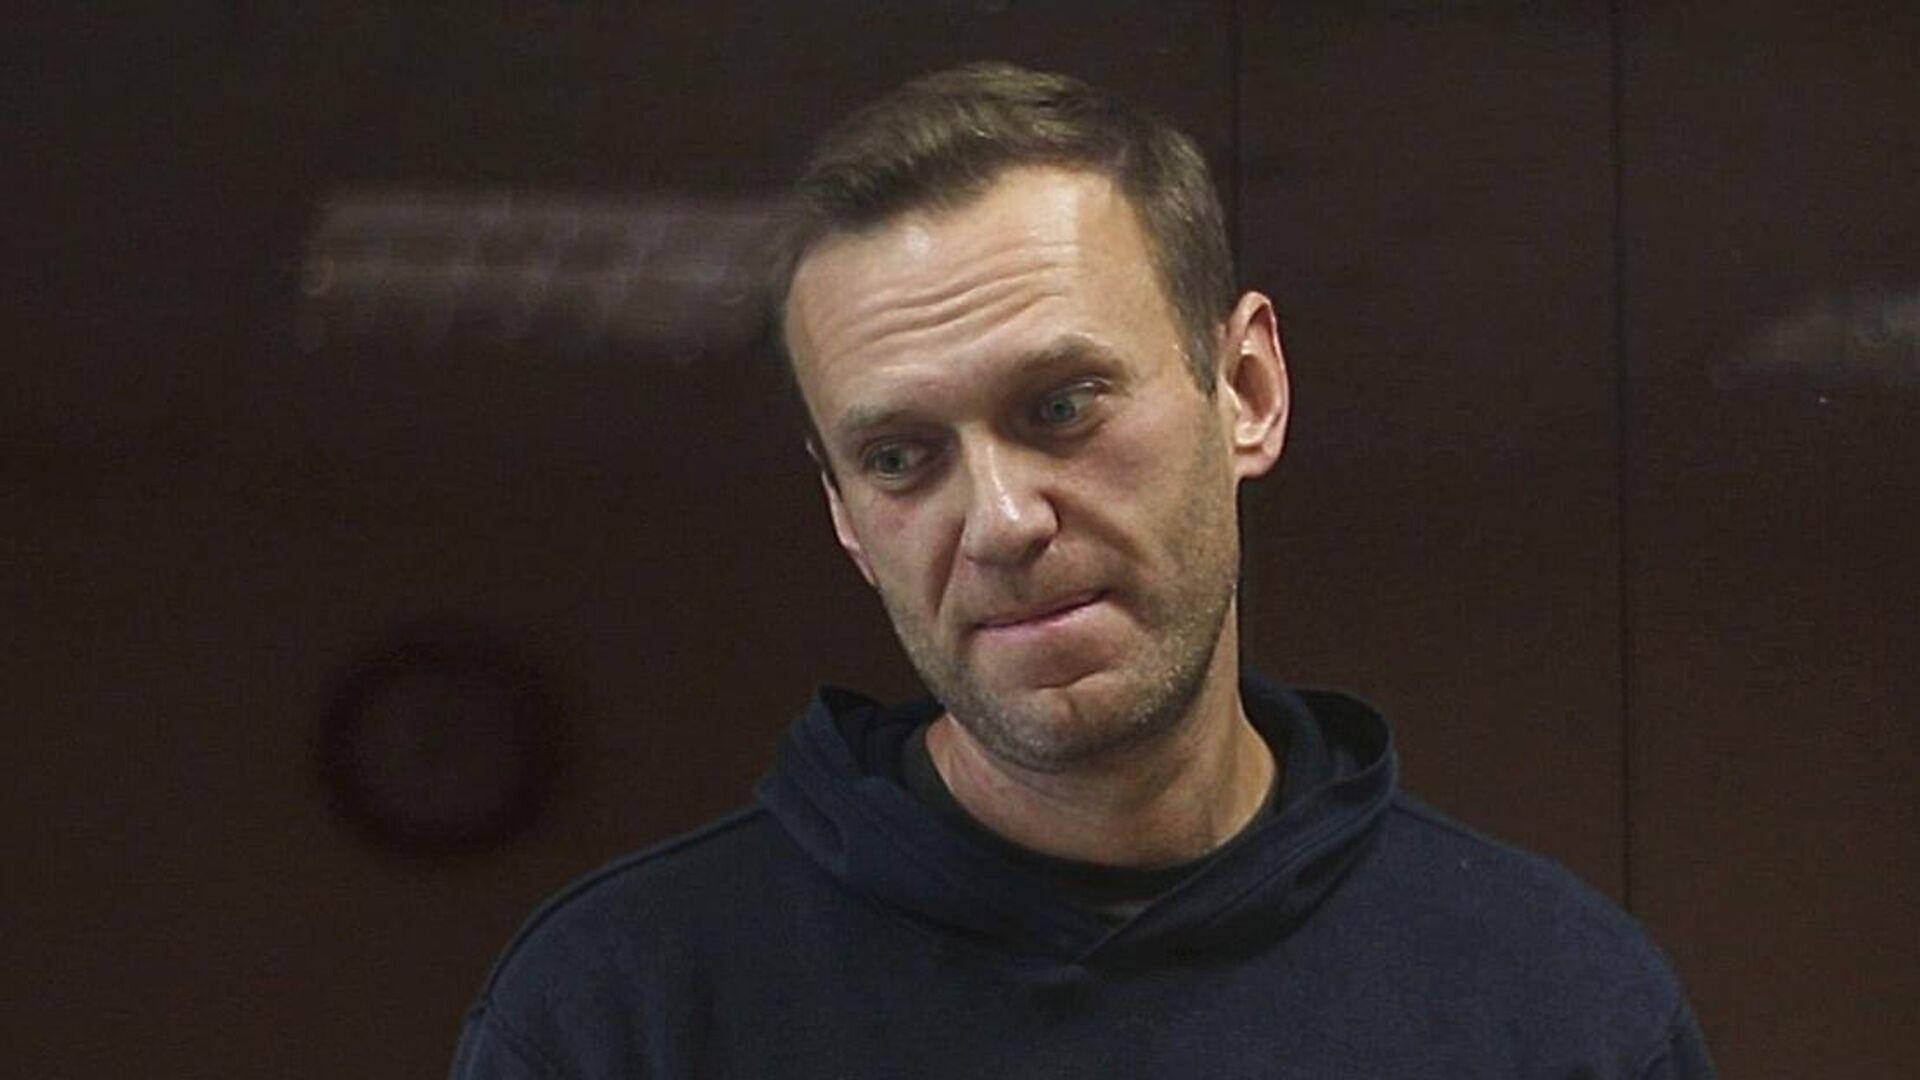 Алексей Навальный в зале Бабушкинского районного суда - РИА Новости, 1920, 10.02.2021